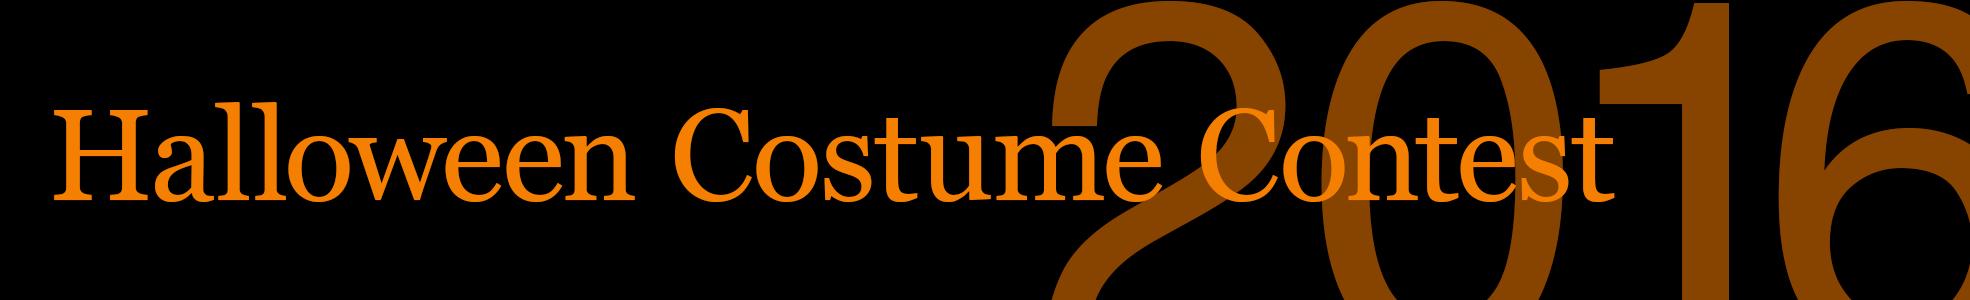 Costume Contest 2016